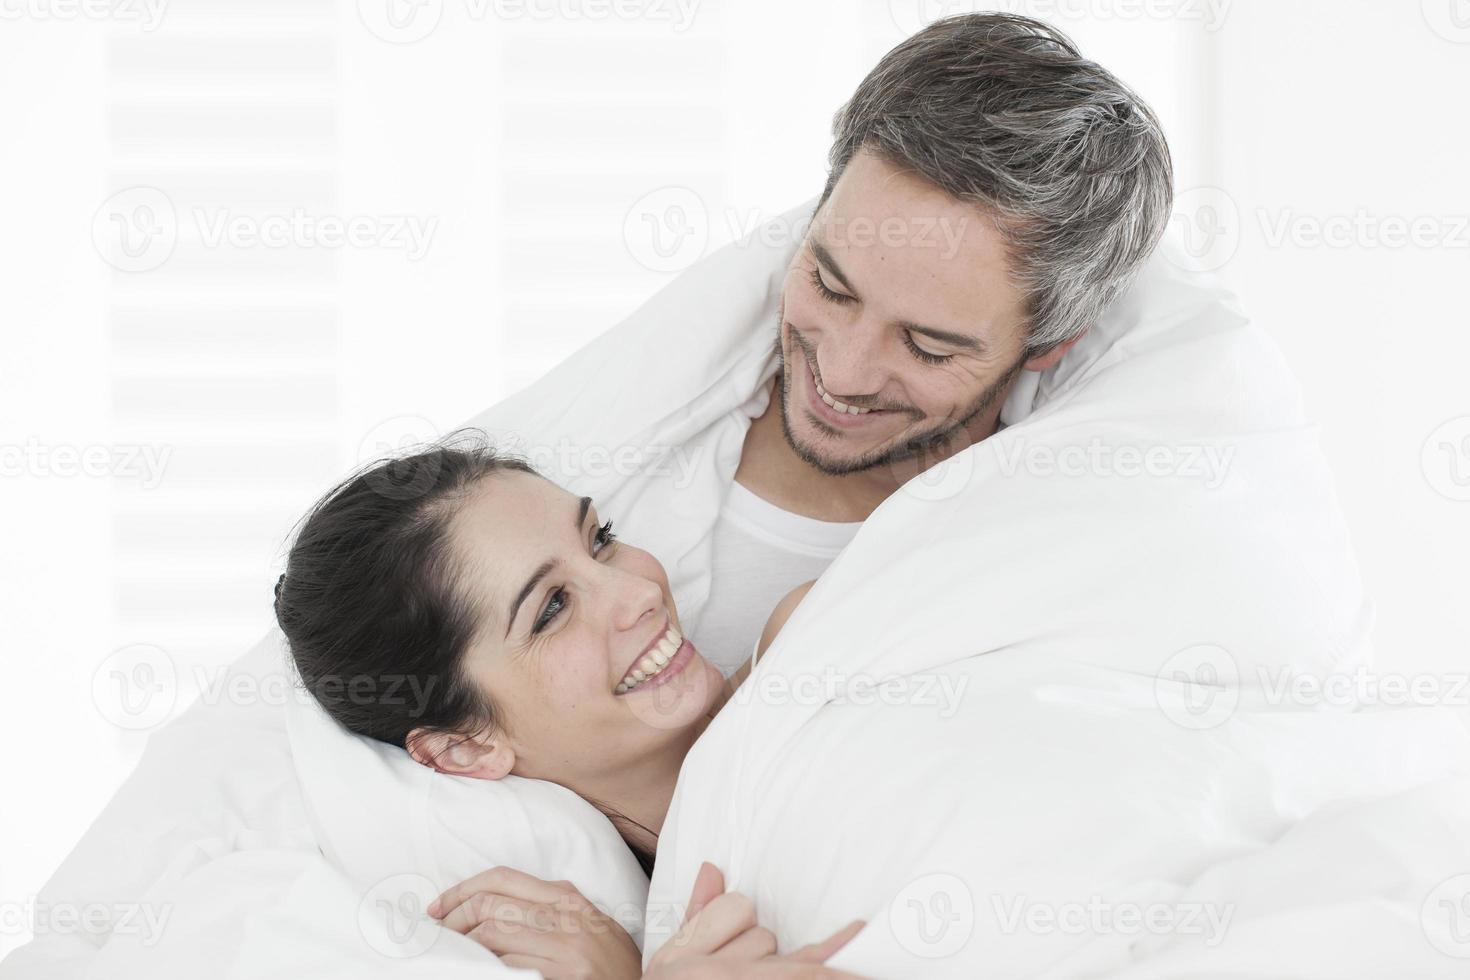 vrolijk jong stel gewikkeld in hun quilt foto